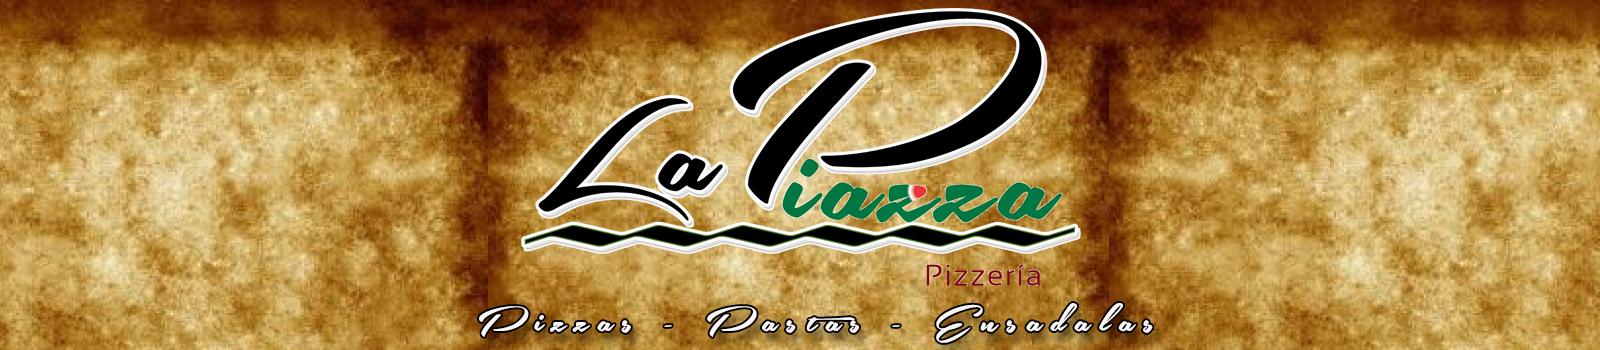 Pizzeria piazza,pizzas en valladolid,comida domicilio